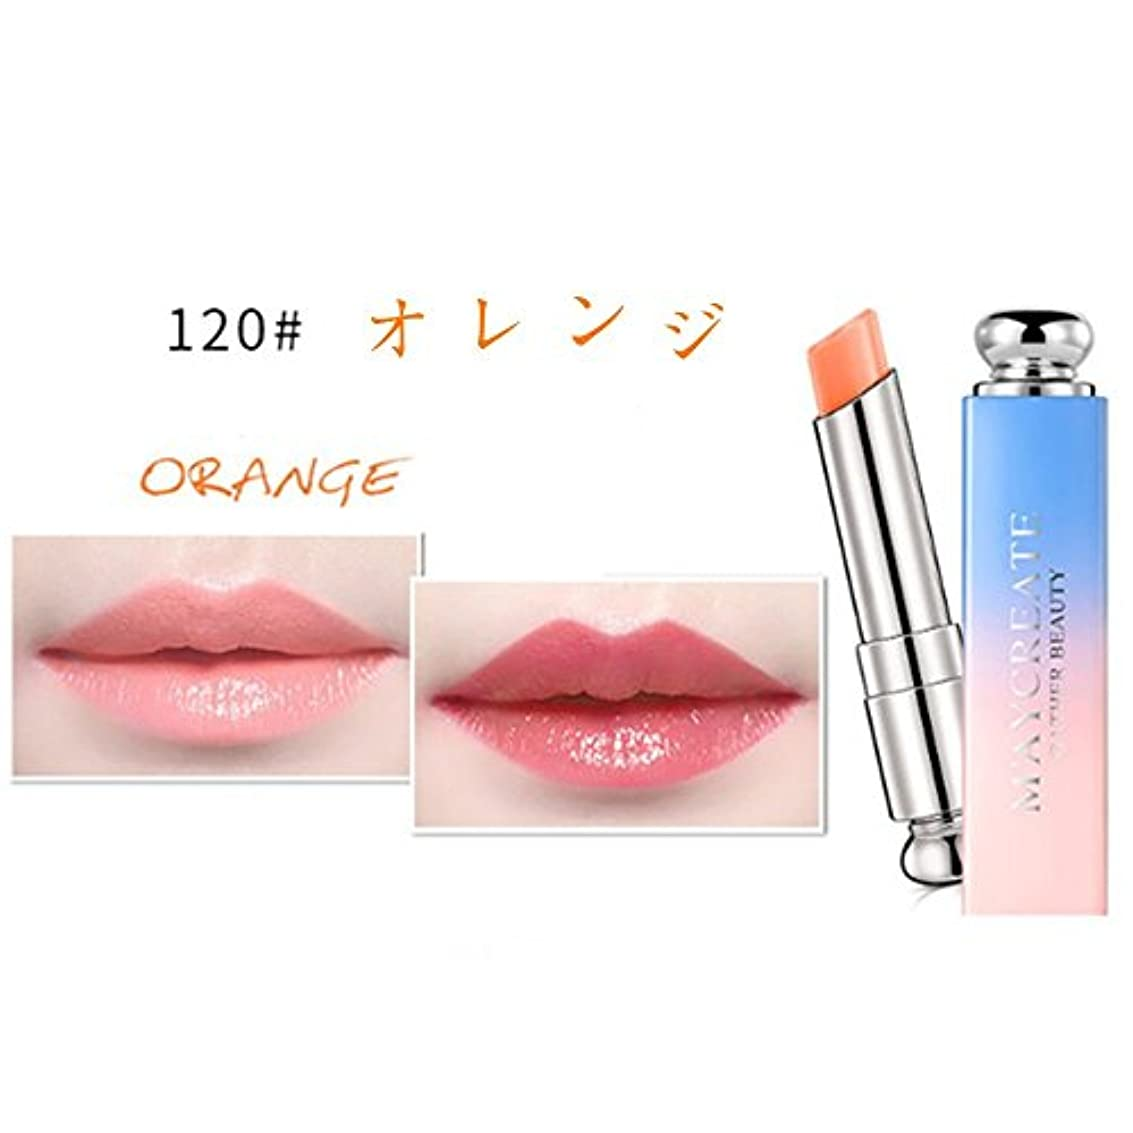 九オフセット岩リップスティック うるおい 口紅 唇の温度で色が変化するリップ 優れる発色力 保湿 長持ち 3.8g (120#)